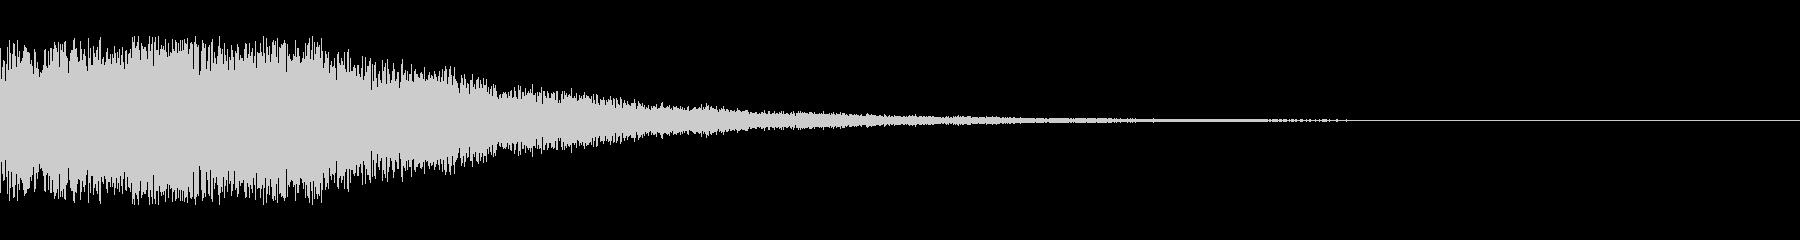 シンセサイザー ゲームスタート音1の未再生の波形